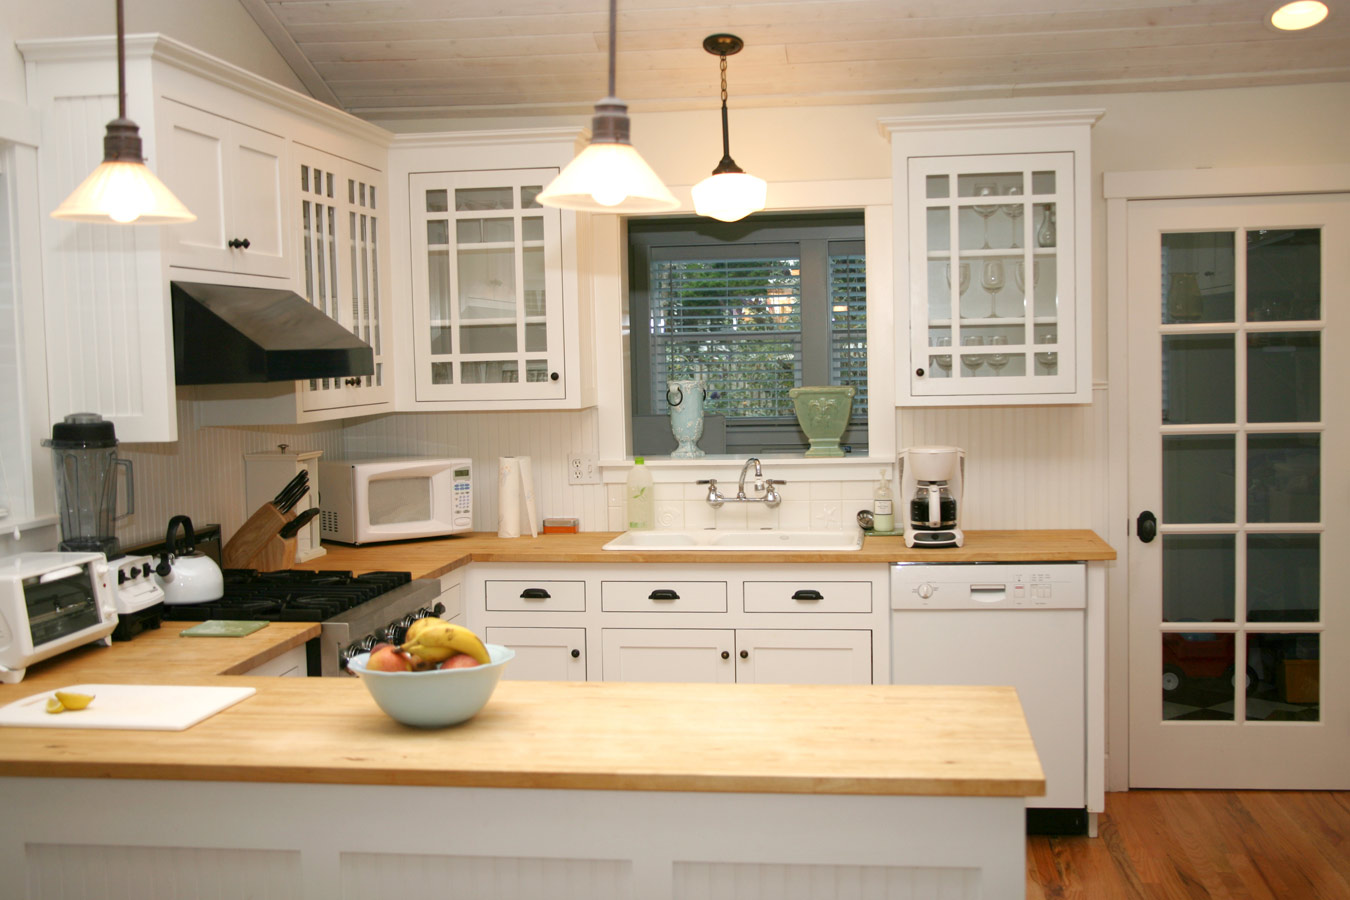 Genoeg Houten werkblad in de keuken | Tips & soorten hout #ME43